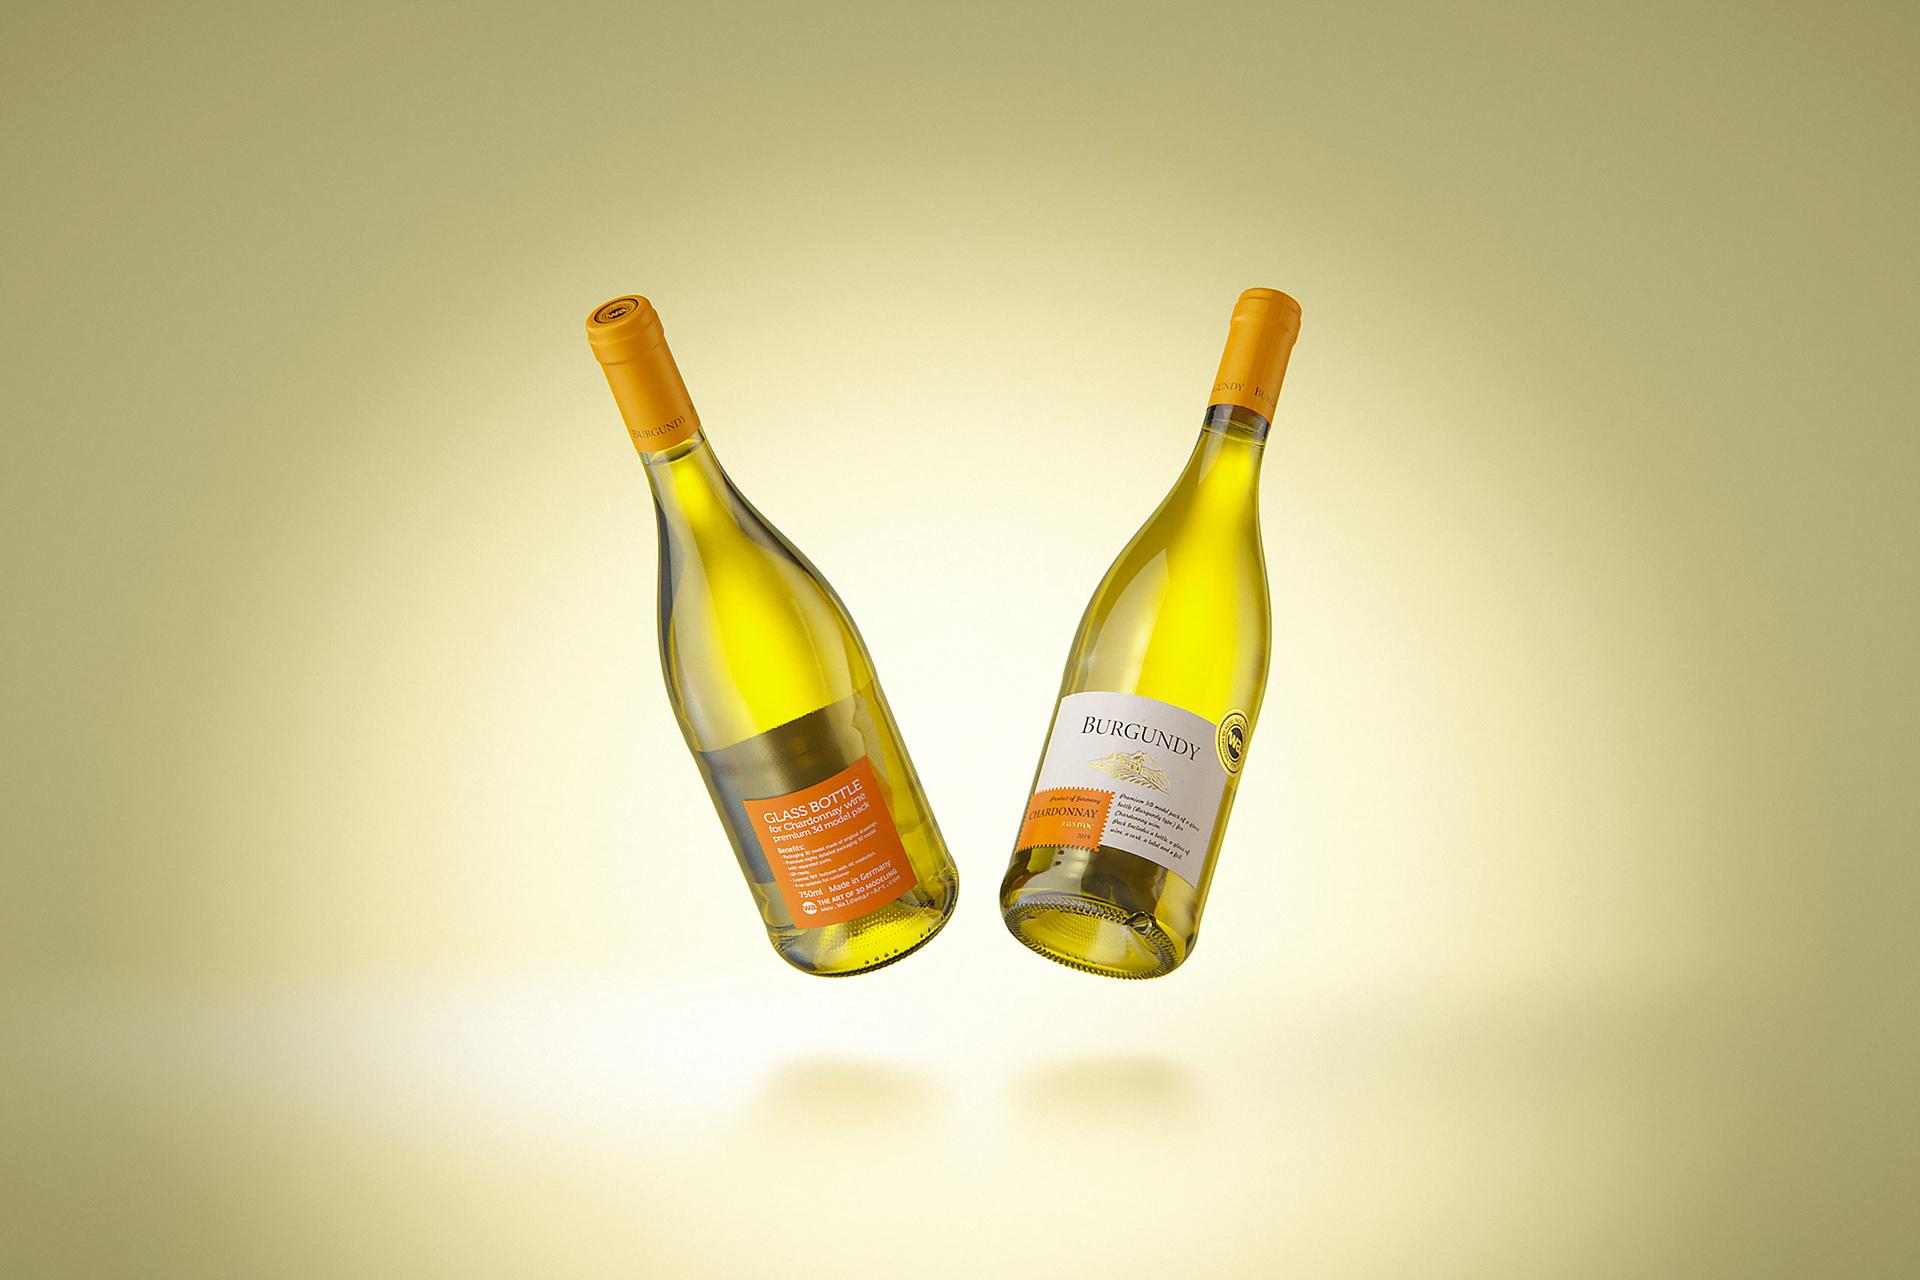 BURGUNDY bottle 3D model for Chardonnay wines on Behance